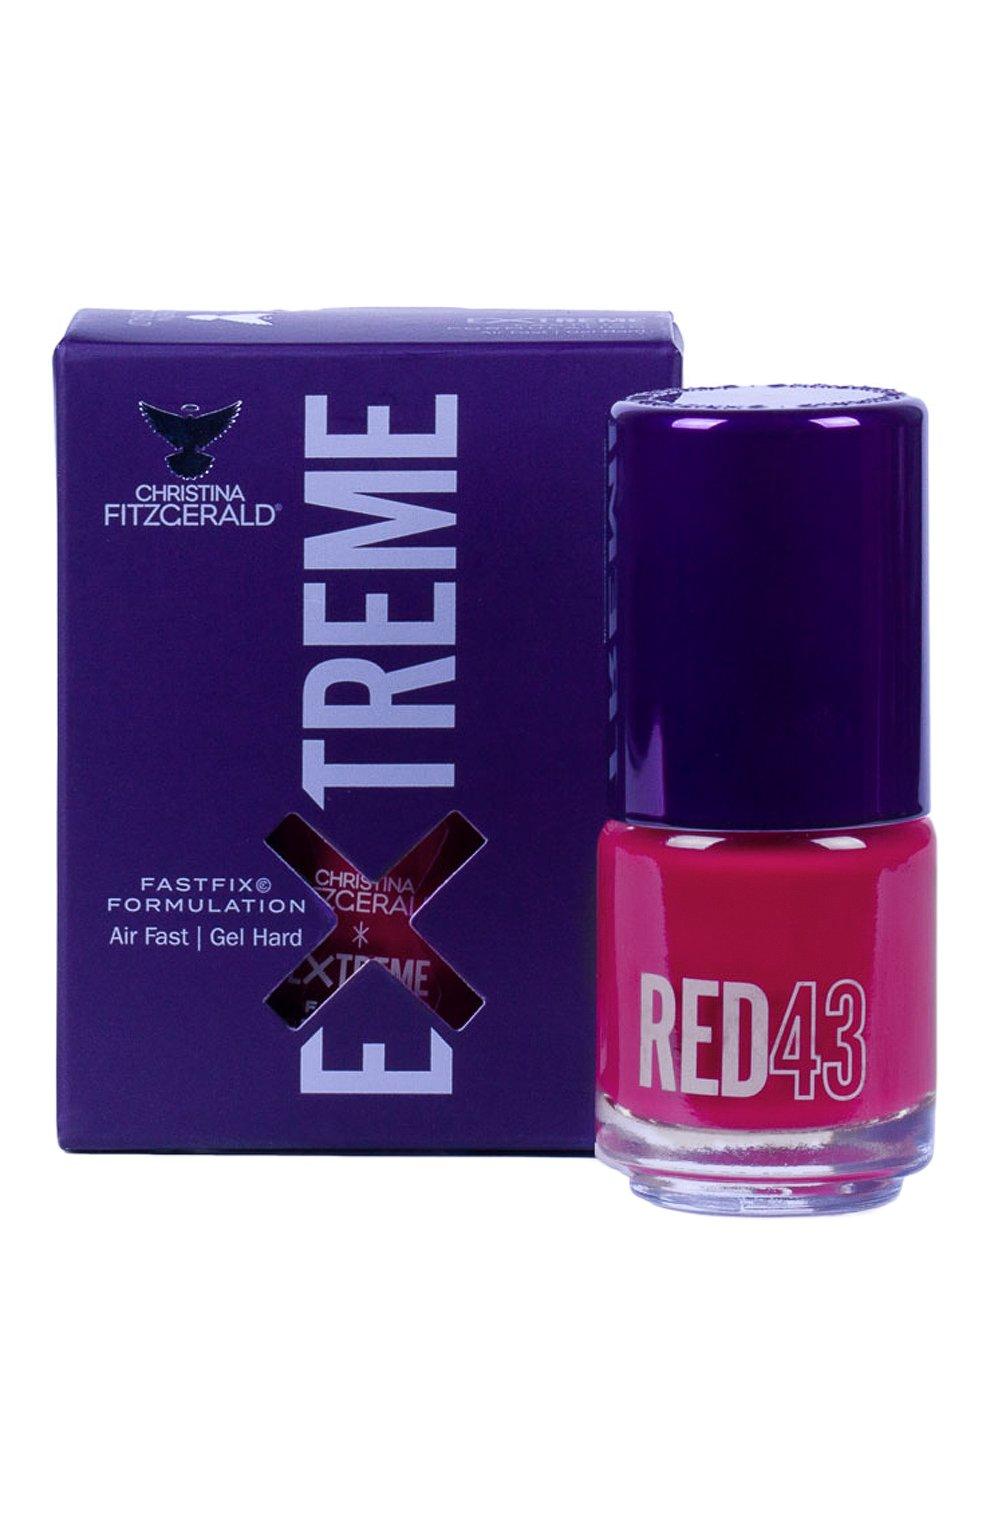 Женский лак для ногтей extreme, оттенок red 43 CHRISTINA FITZGERALD бесцветного цвета, арт. 9333381005328 | Фото 1